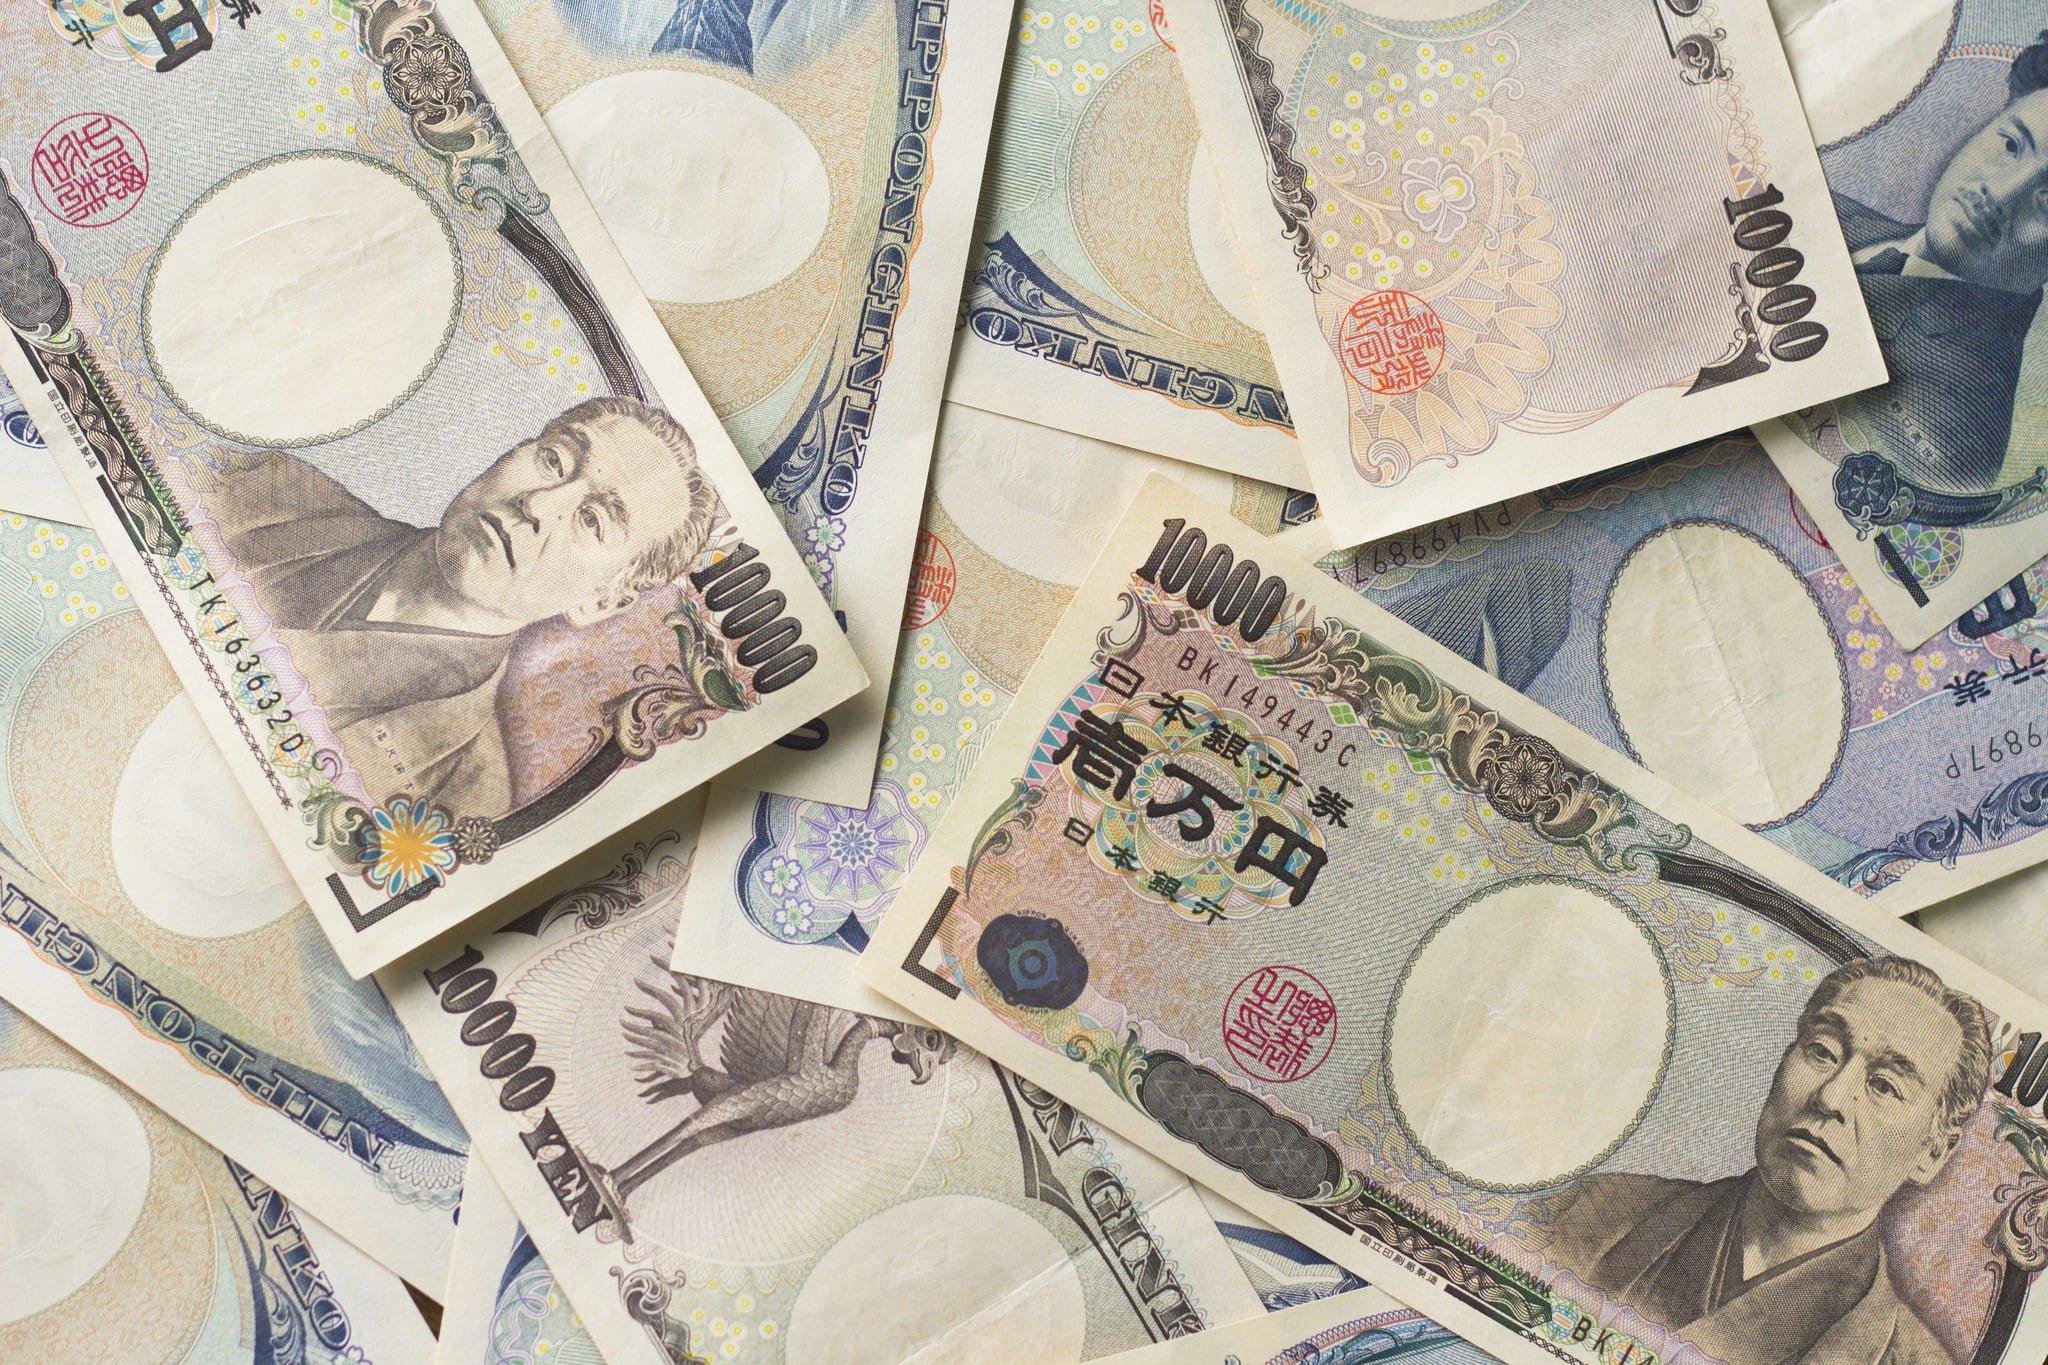 日本沖繩5天4夜自駕旅遊 必看必玩必吃的心得推薦與11點建議